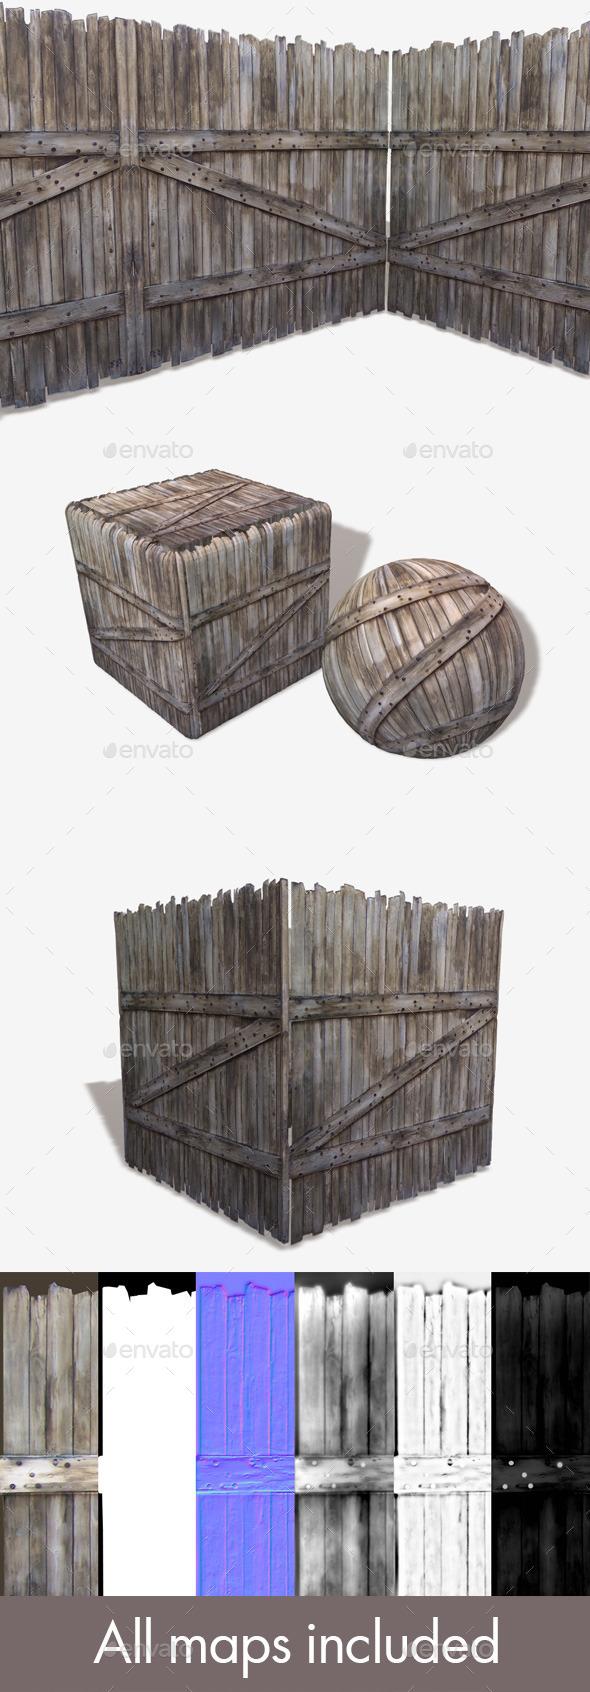 3DOcean Tall Wooden Gate Seamless Texture 11213114